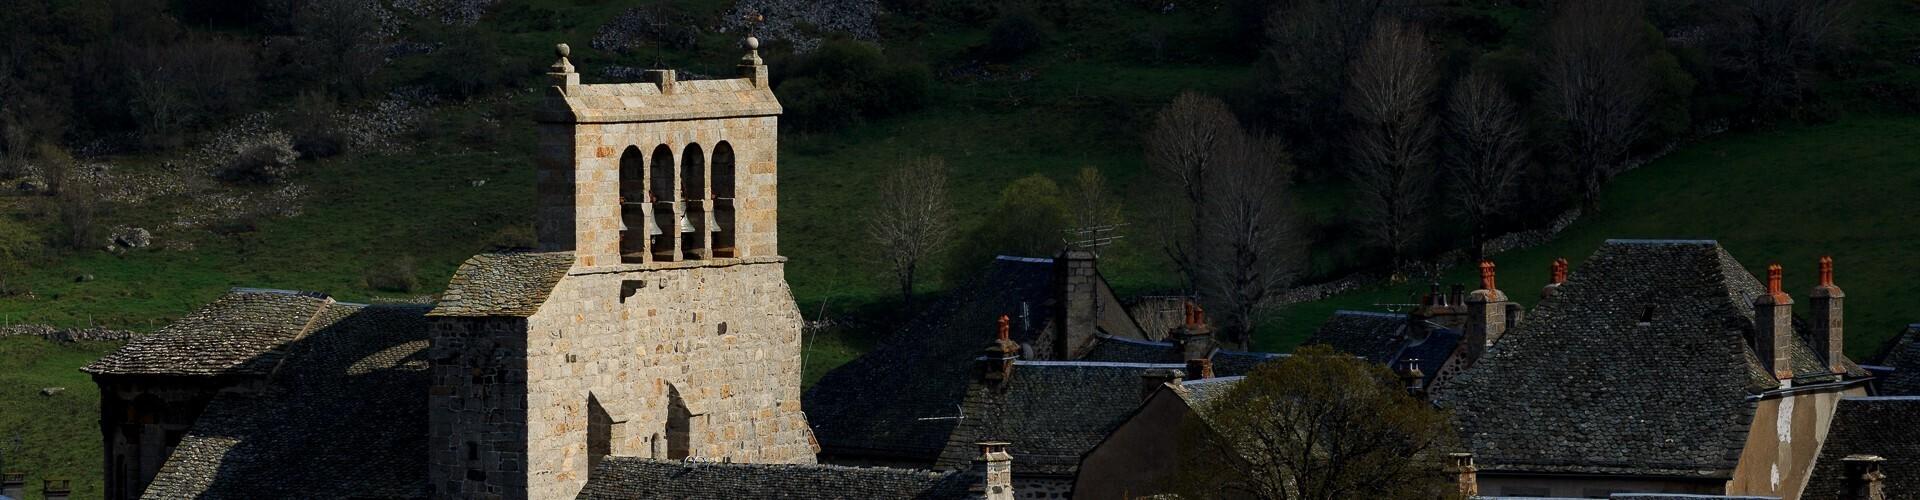 voyage photo villages et terroirs vincent frances header